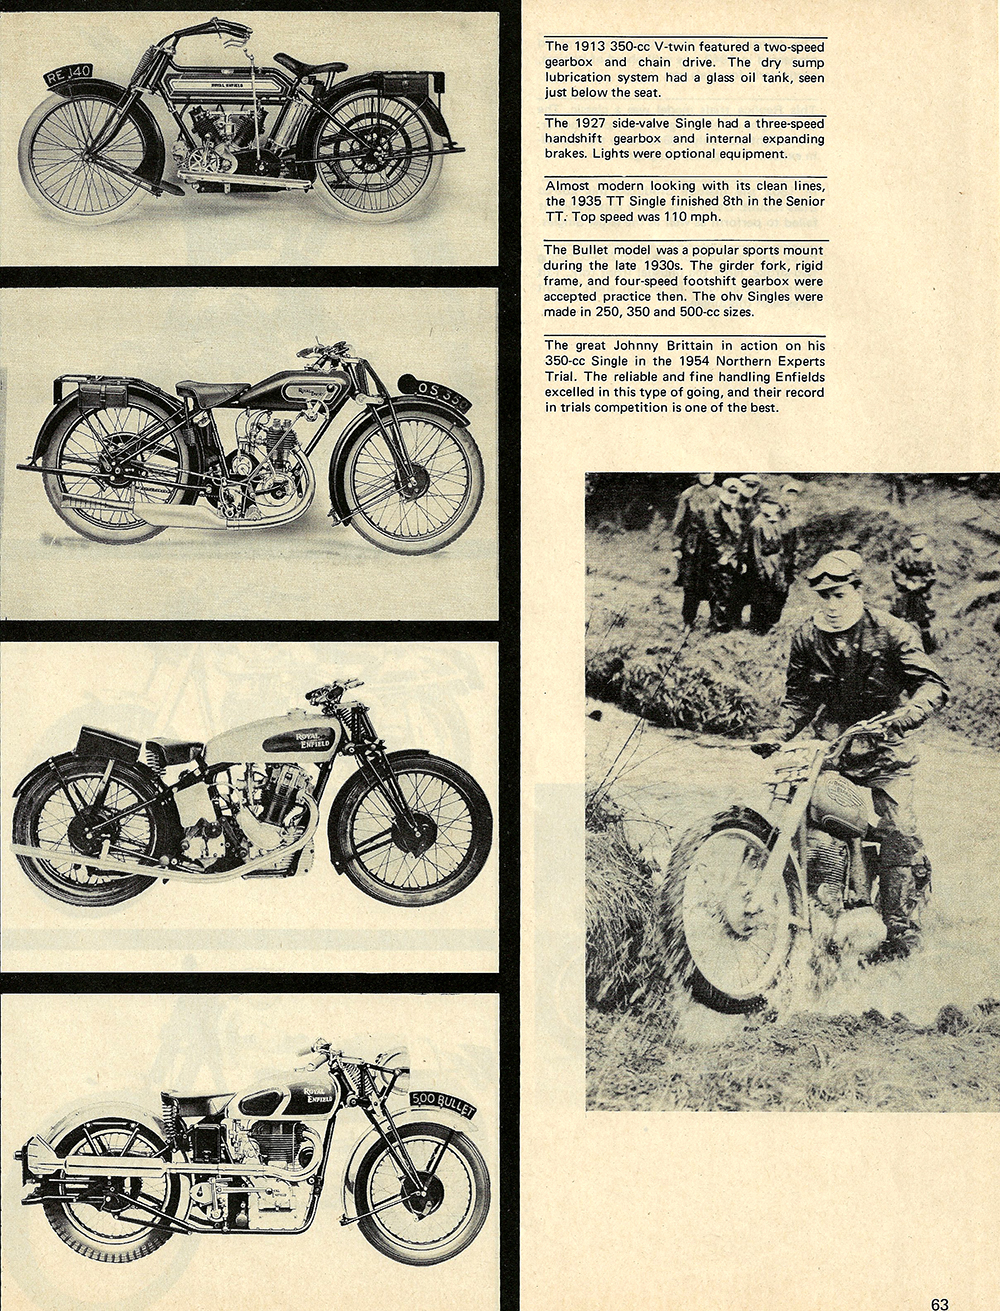 1970 History of Royal Enfield 02.jpg